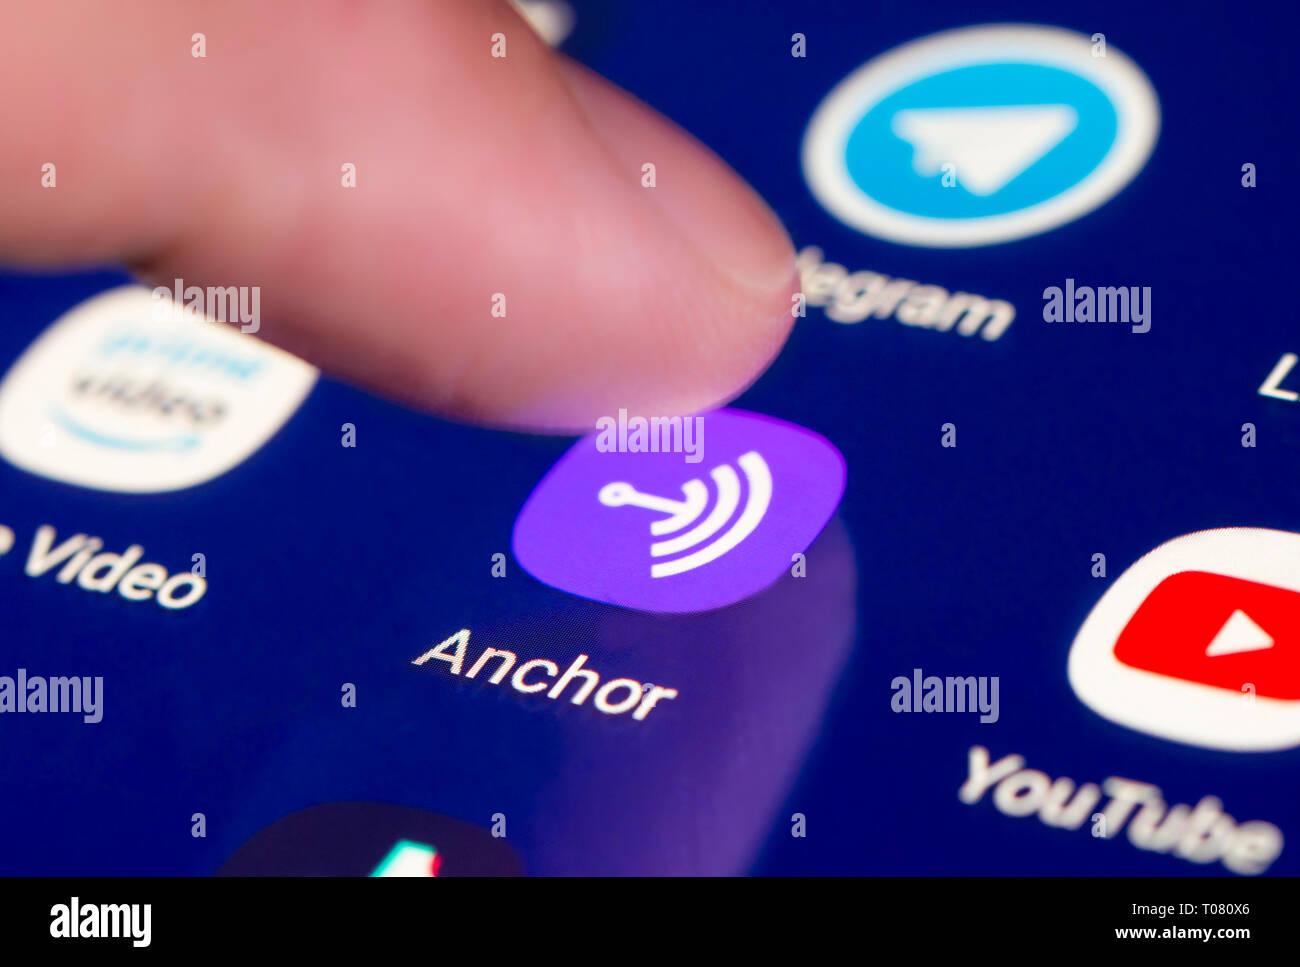 Dedo pulsando el icono de App de anclaje en una pantalla táctil en un tablet o dispositivo de telefonía móvil. Anclaje de carga de aplicación. Atajo de anclaje. Imagen De Stock